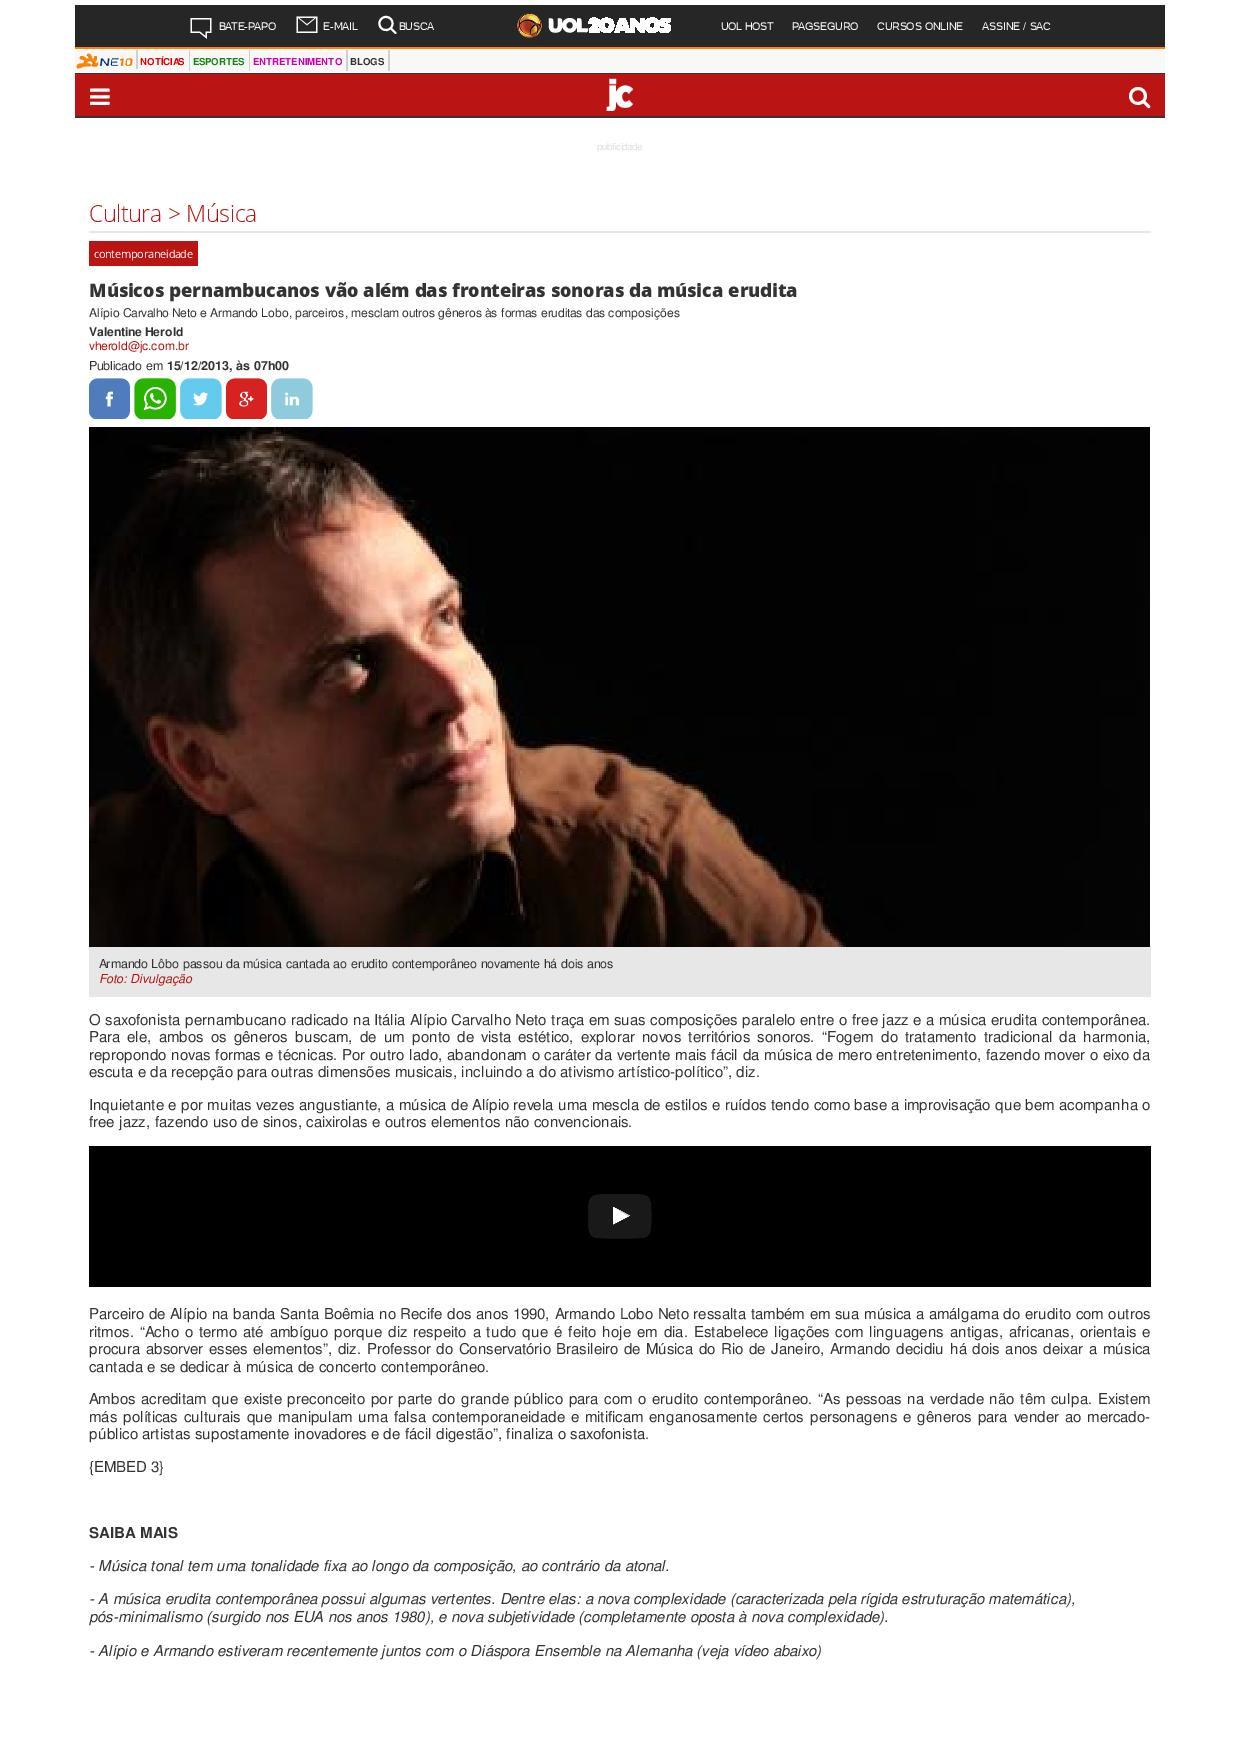 Músicos_pernambucanos_vão_além_das_fronteiras_sonoras_da_música_erudita-page-001